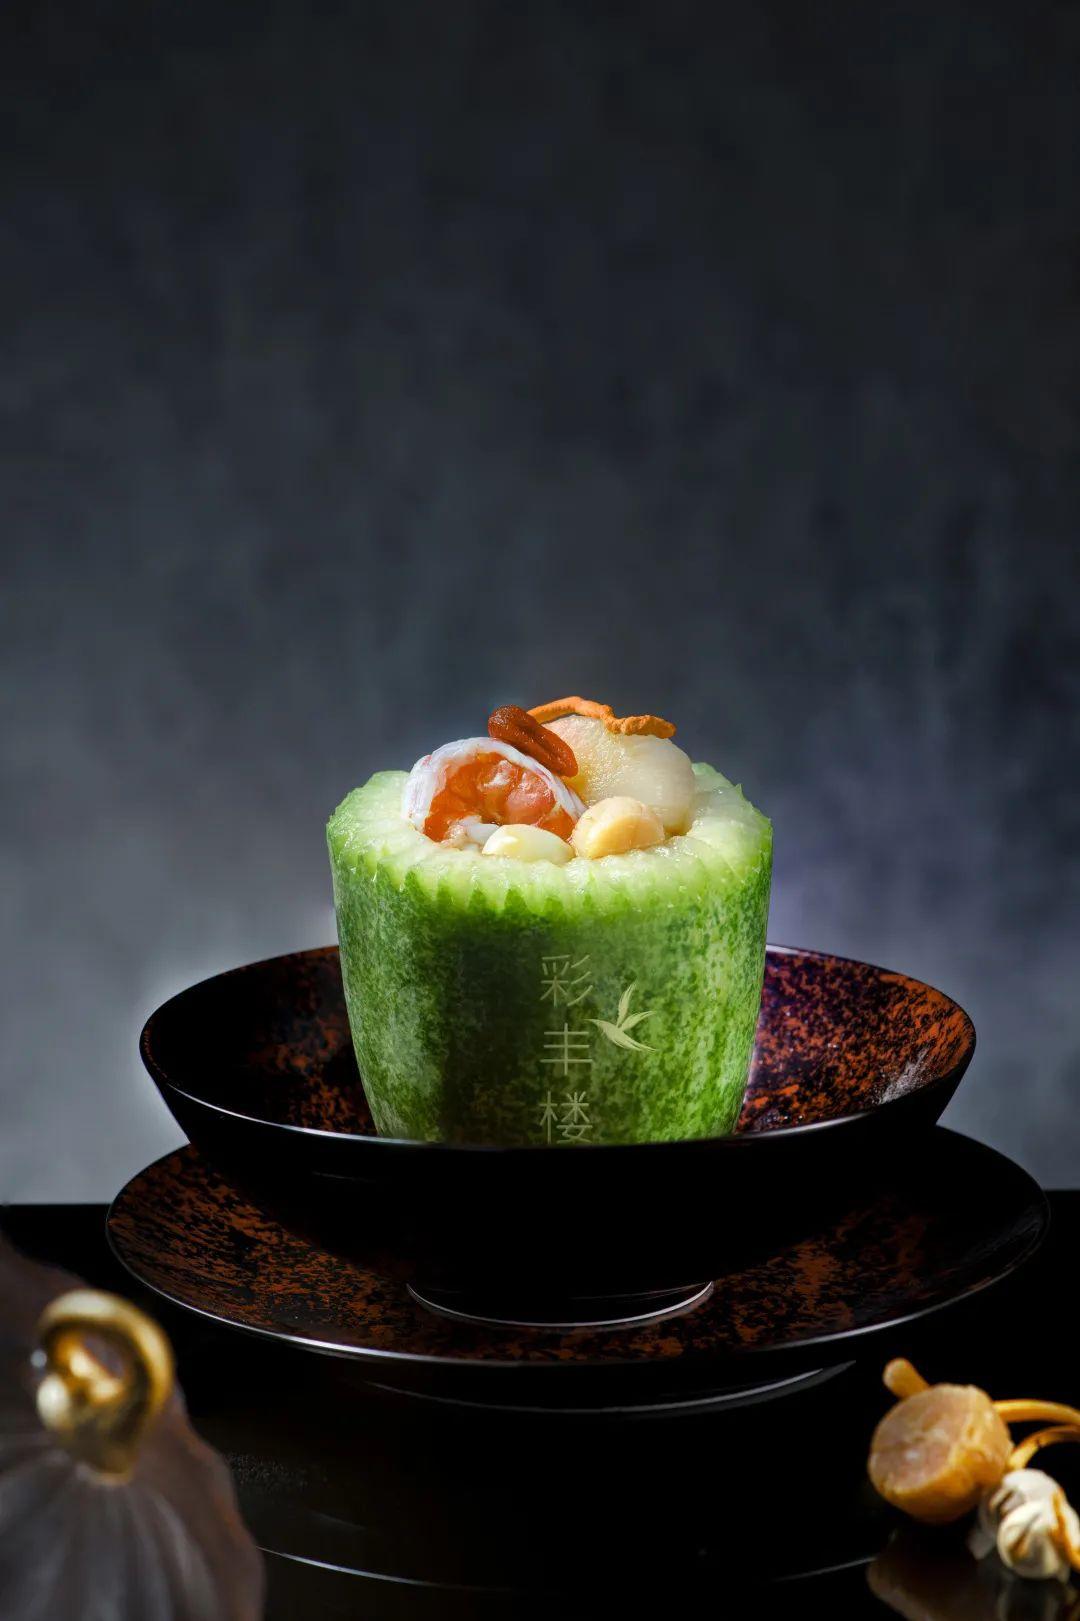 【美食】赏味经典与创意相融的味蕾之旅